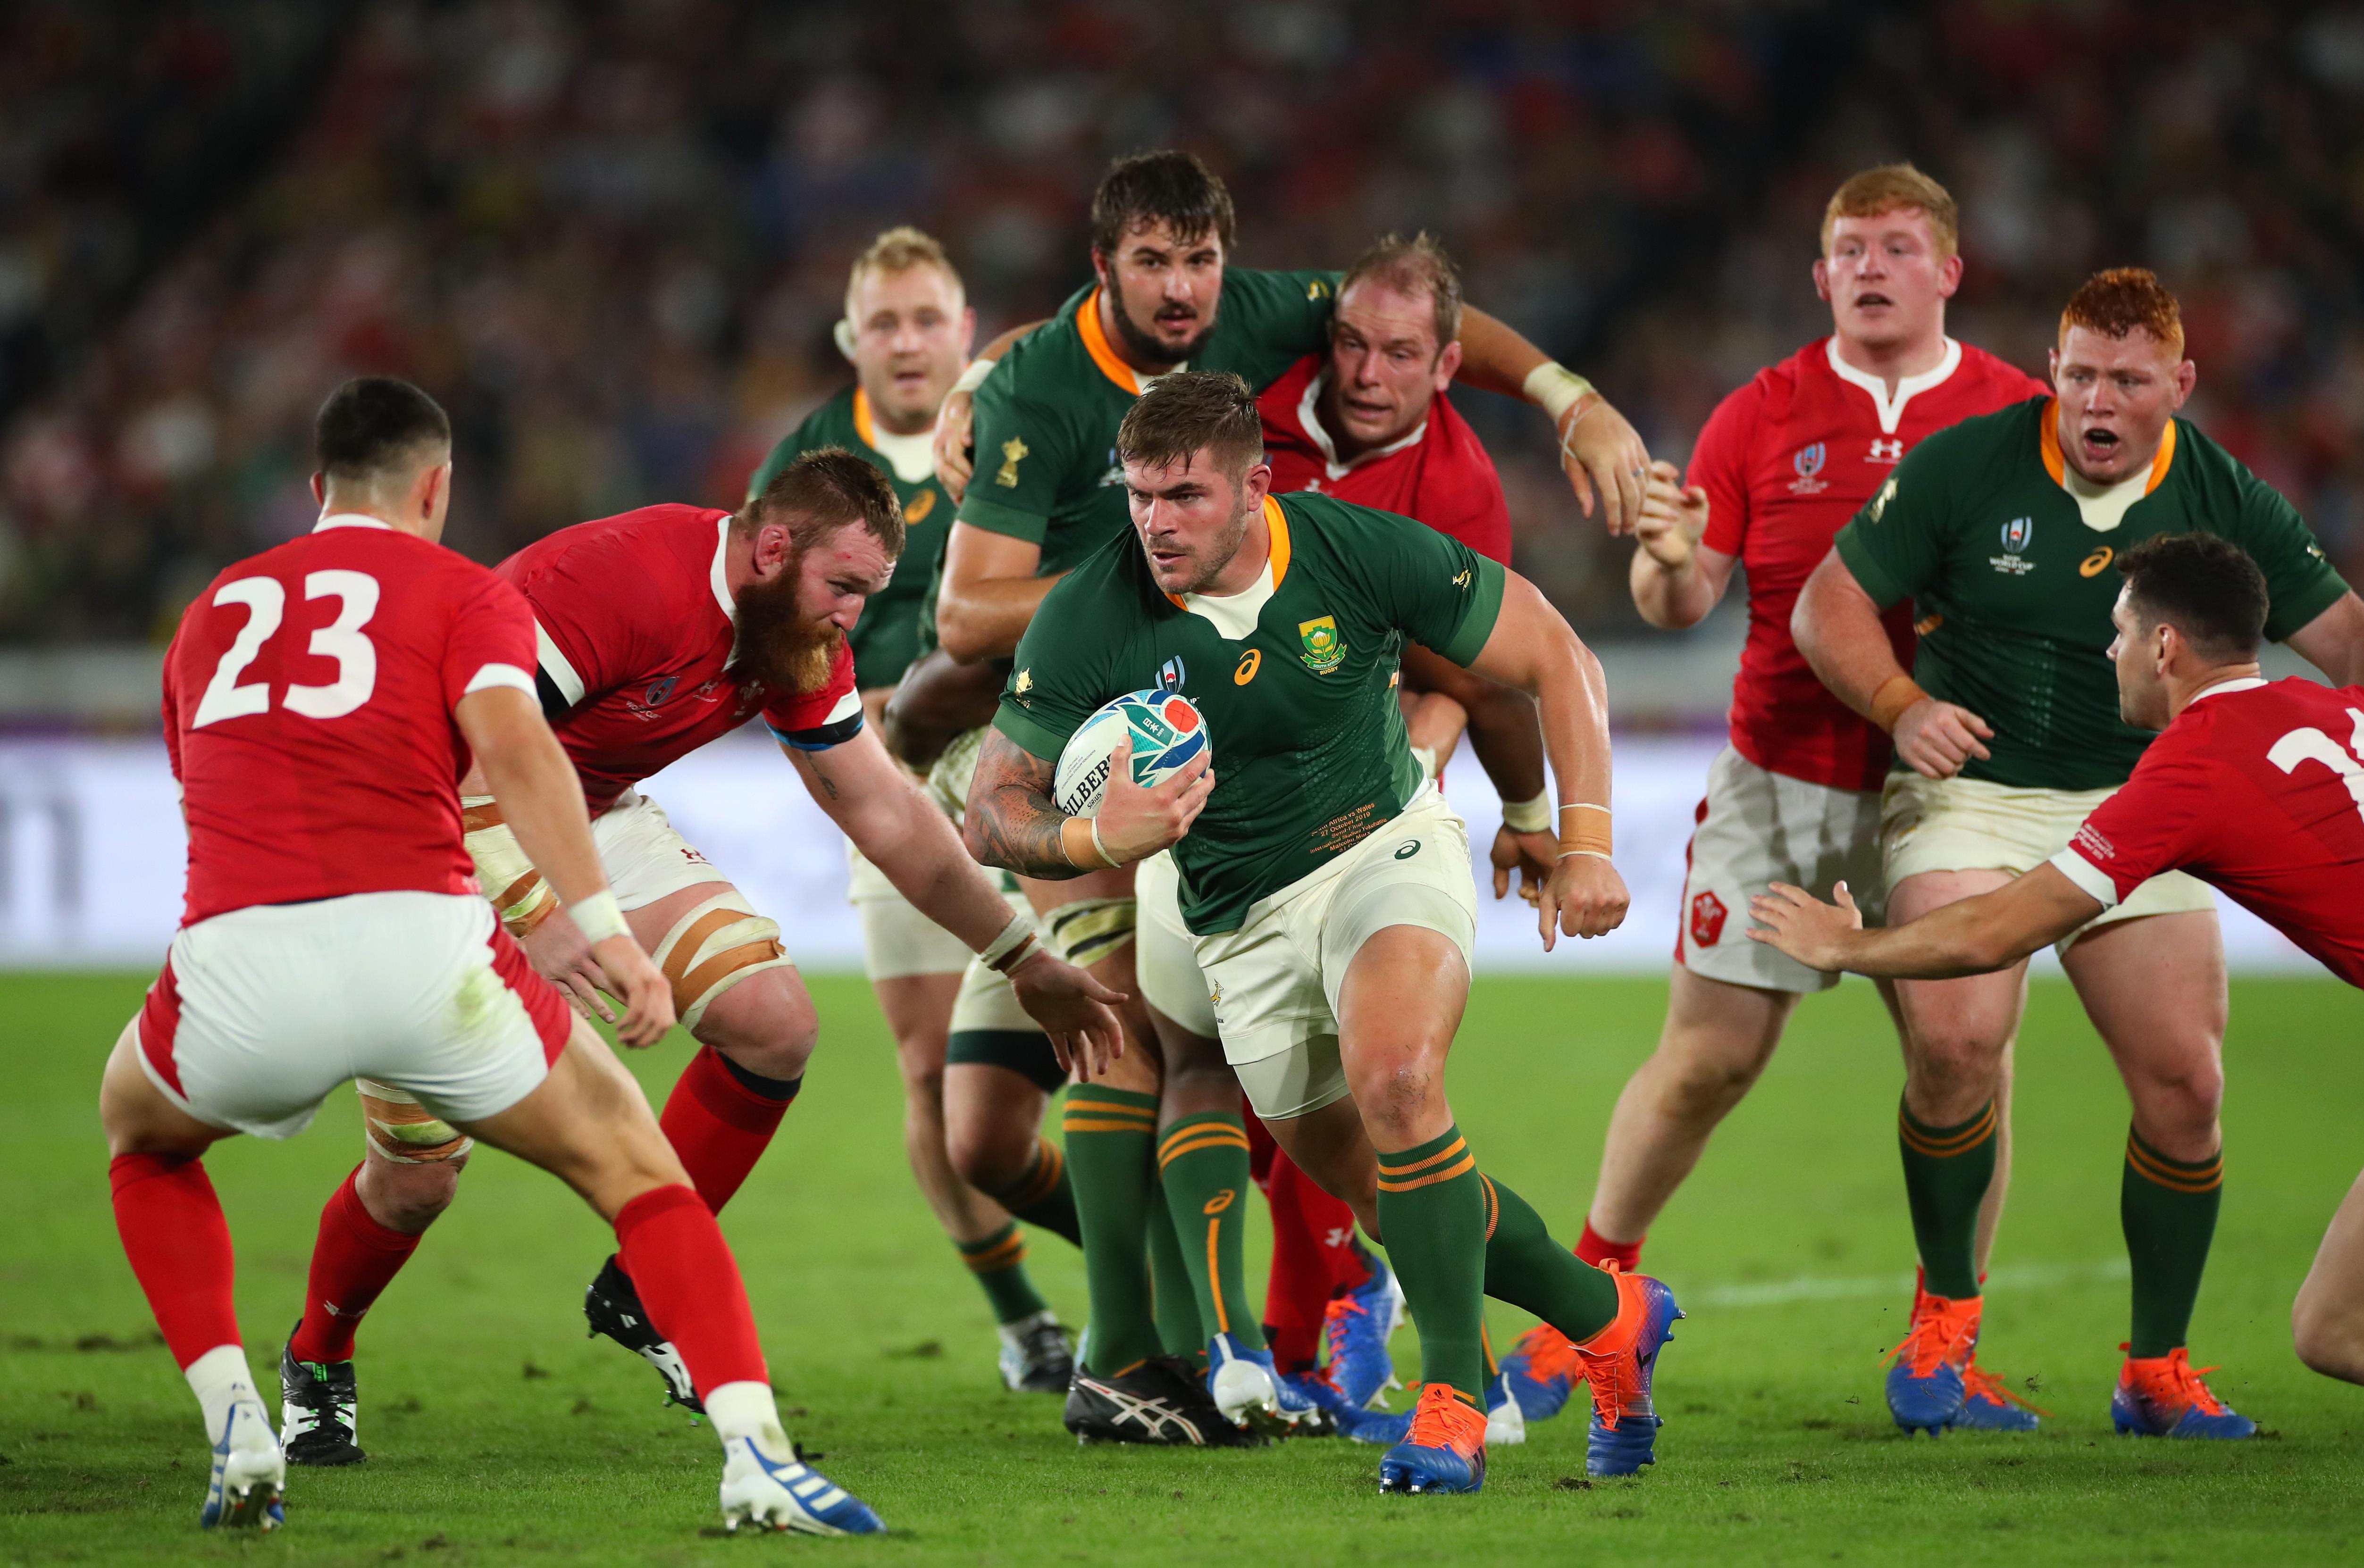 Gli Springboks si guadagnano l'accesso alla finale dei Mondiali di rugby